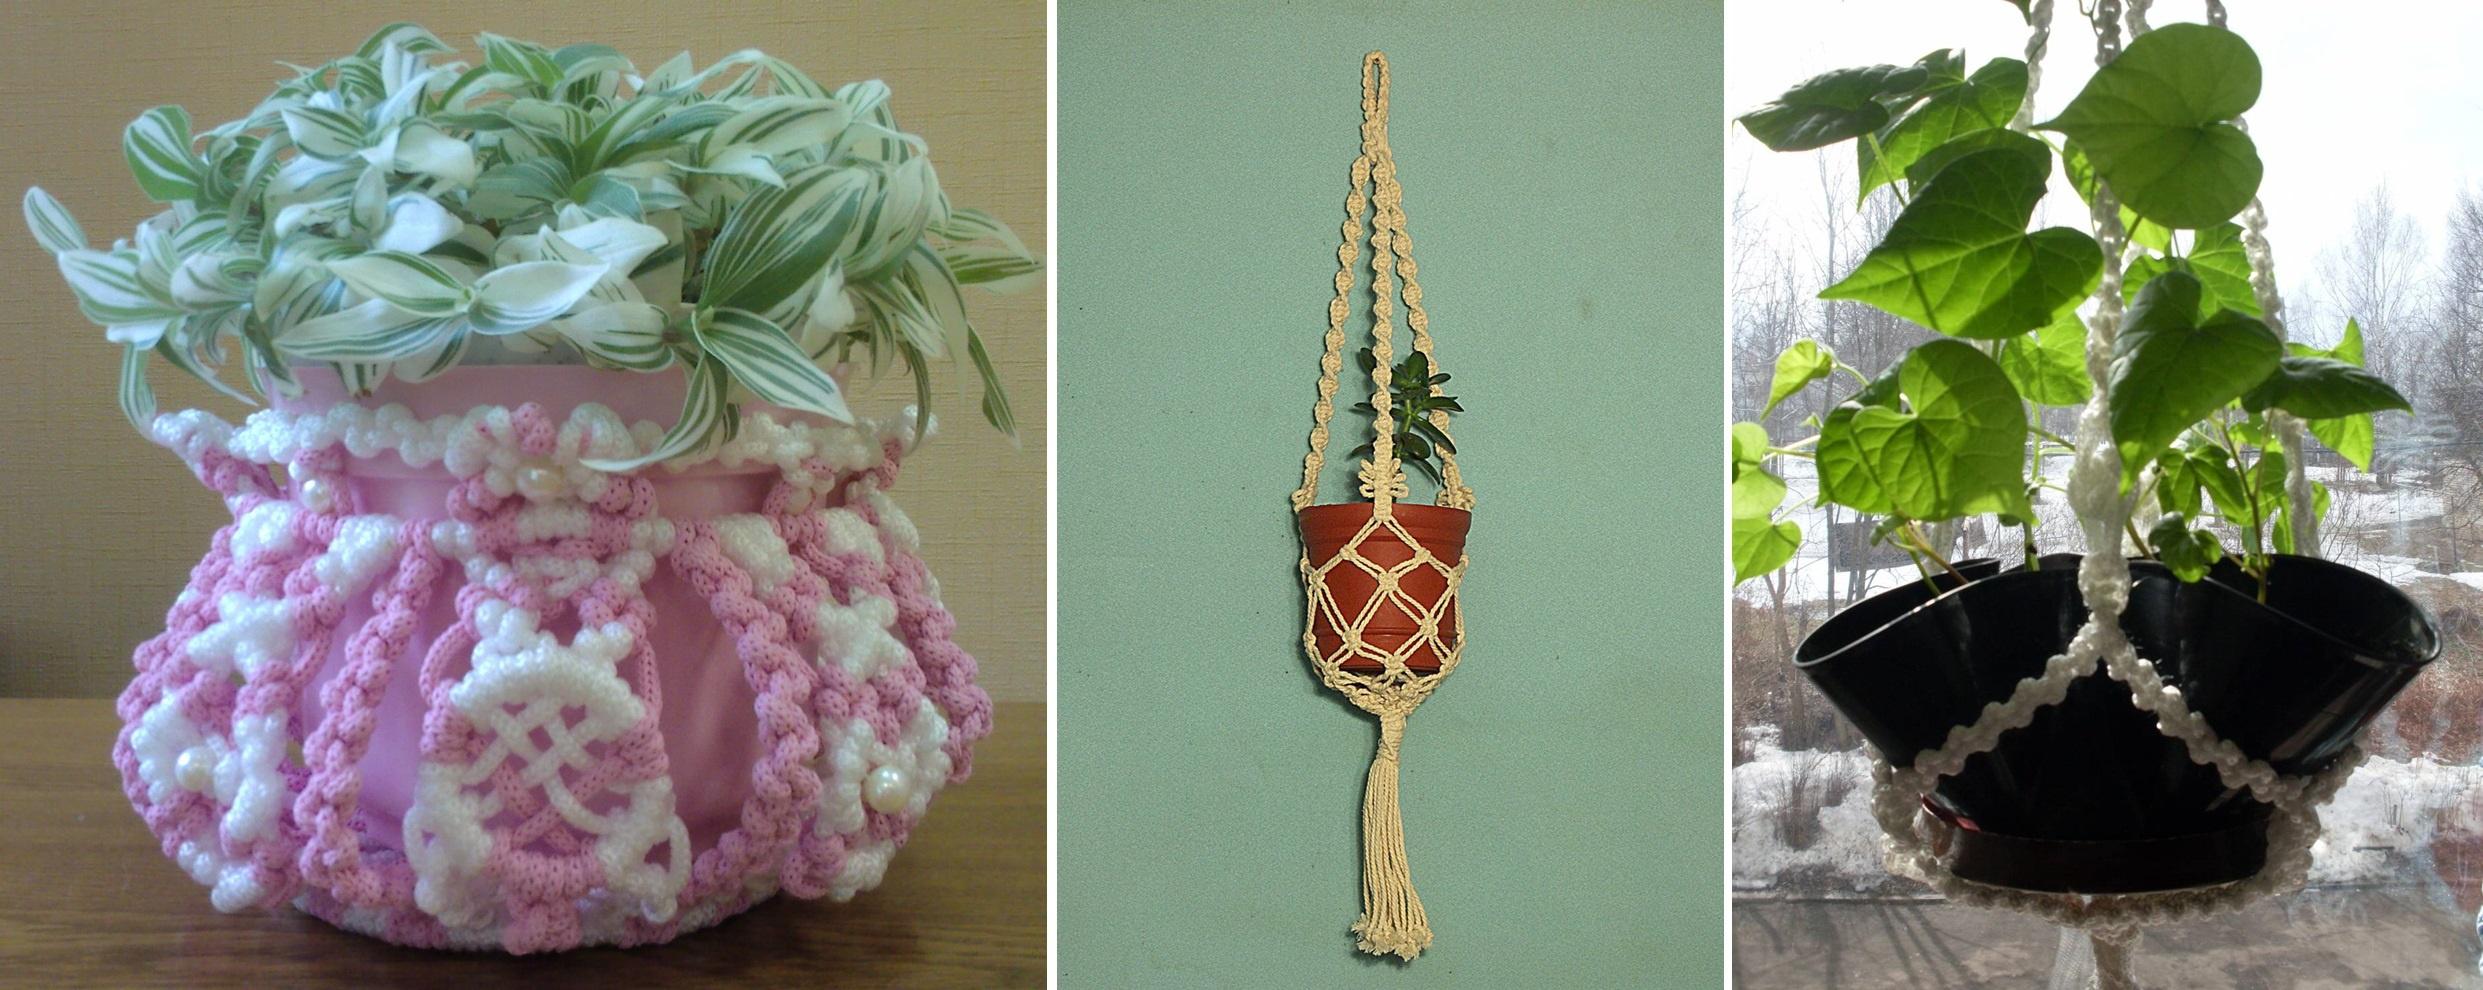 Корзины для цветов плетеные - 3d